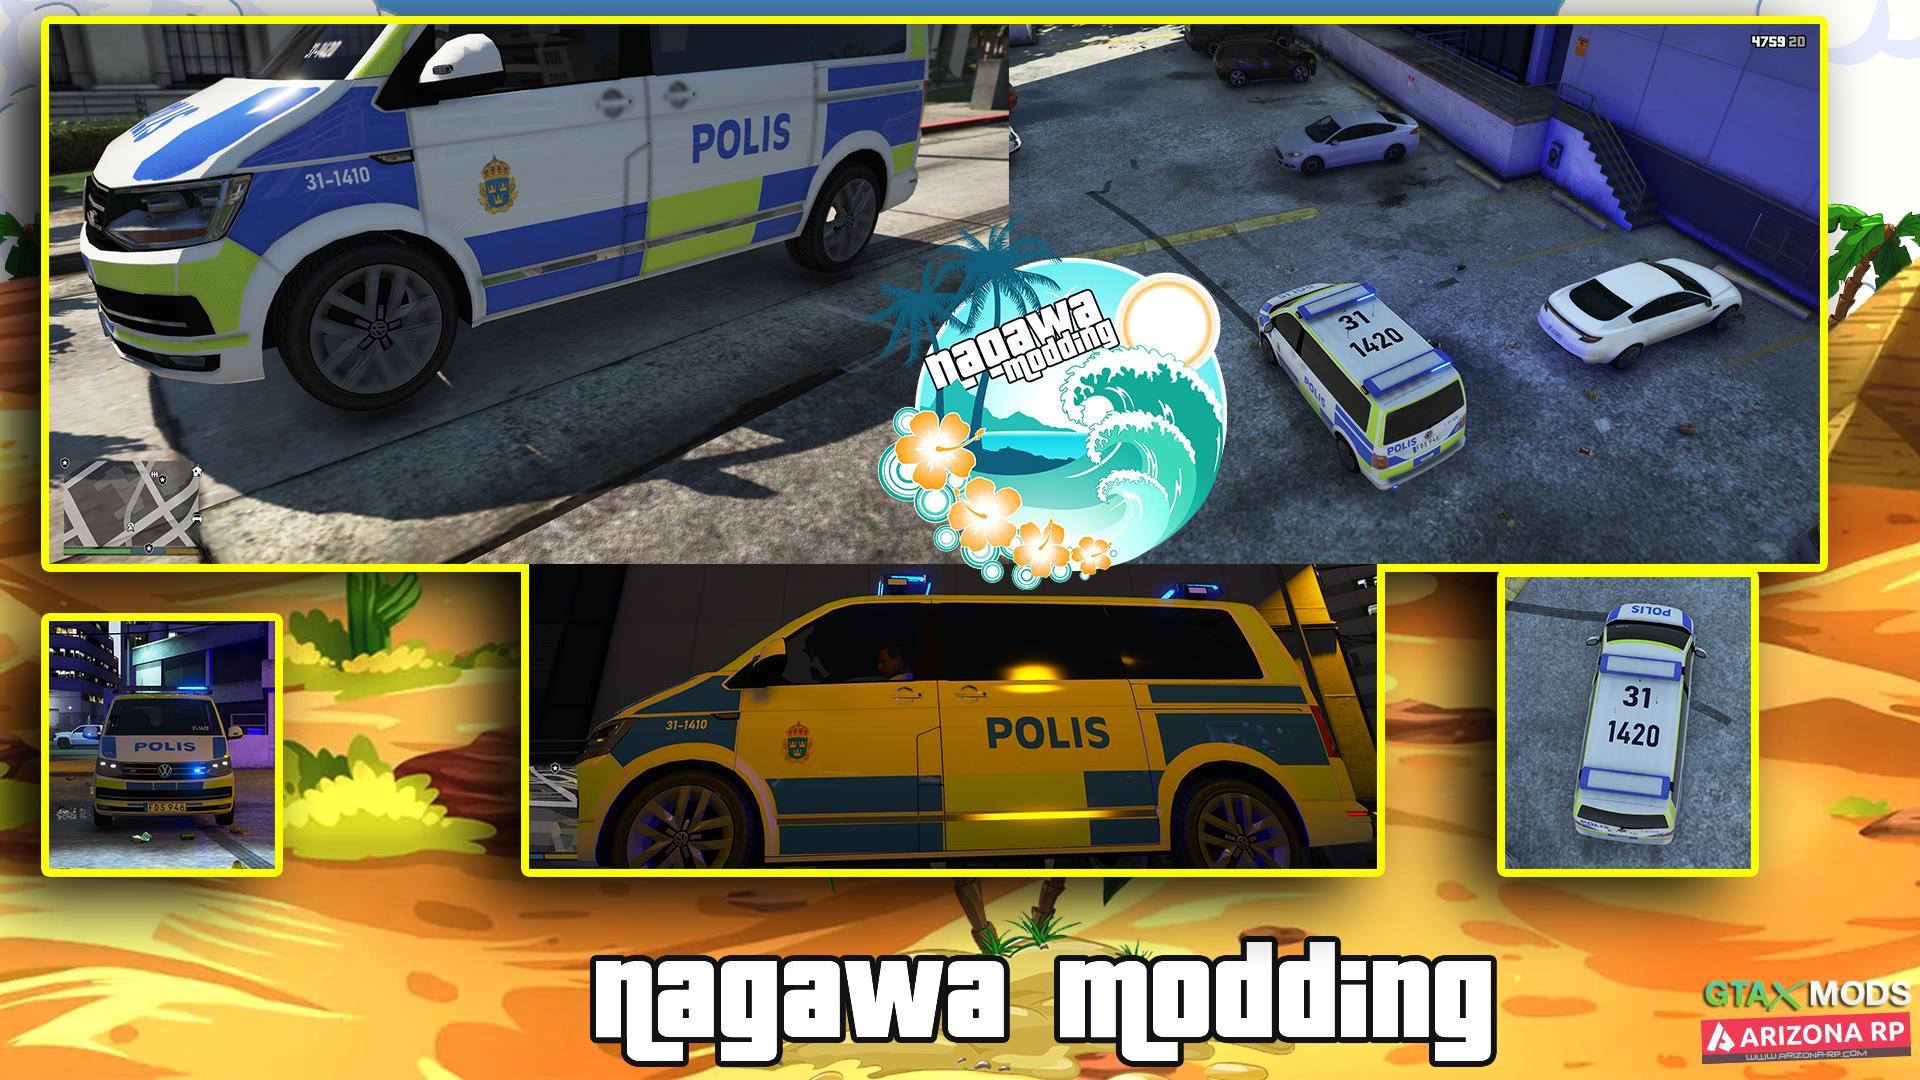 Swedish volkswagen T6 Police